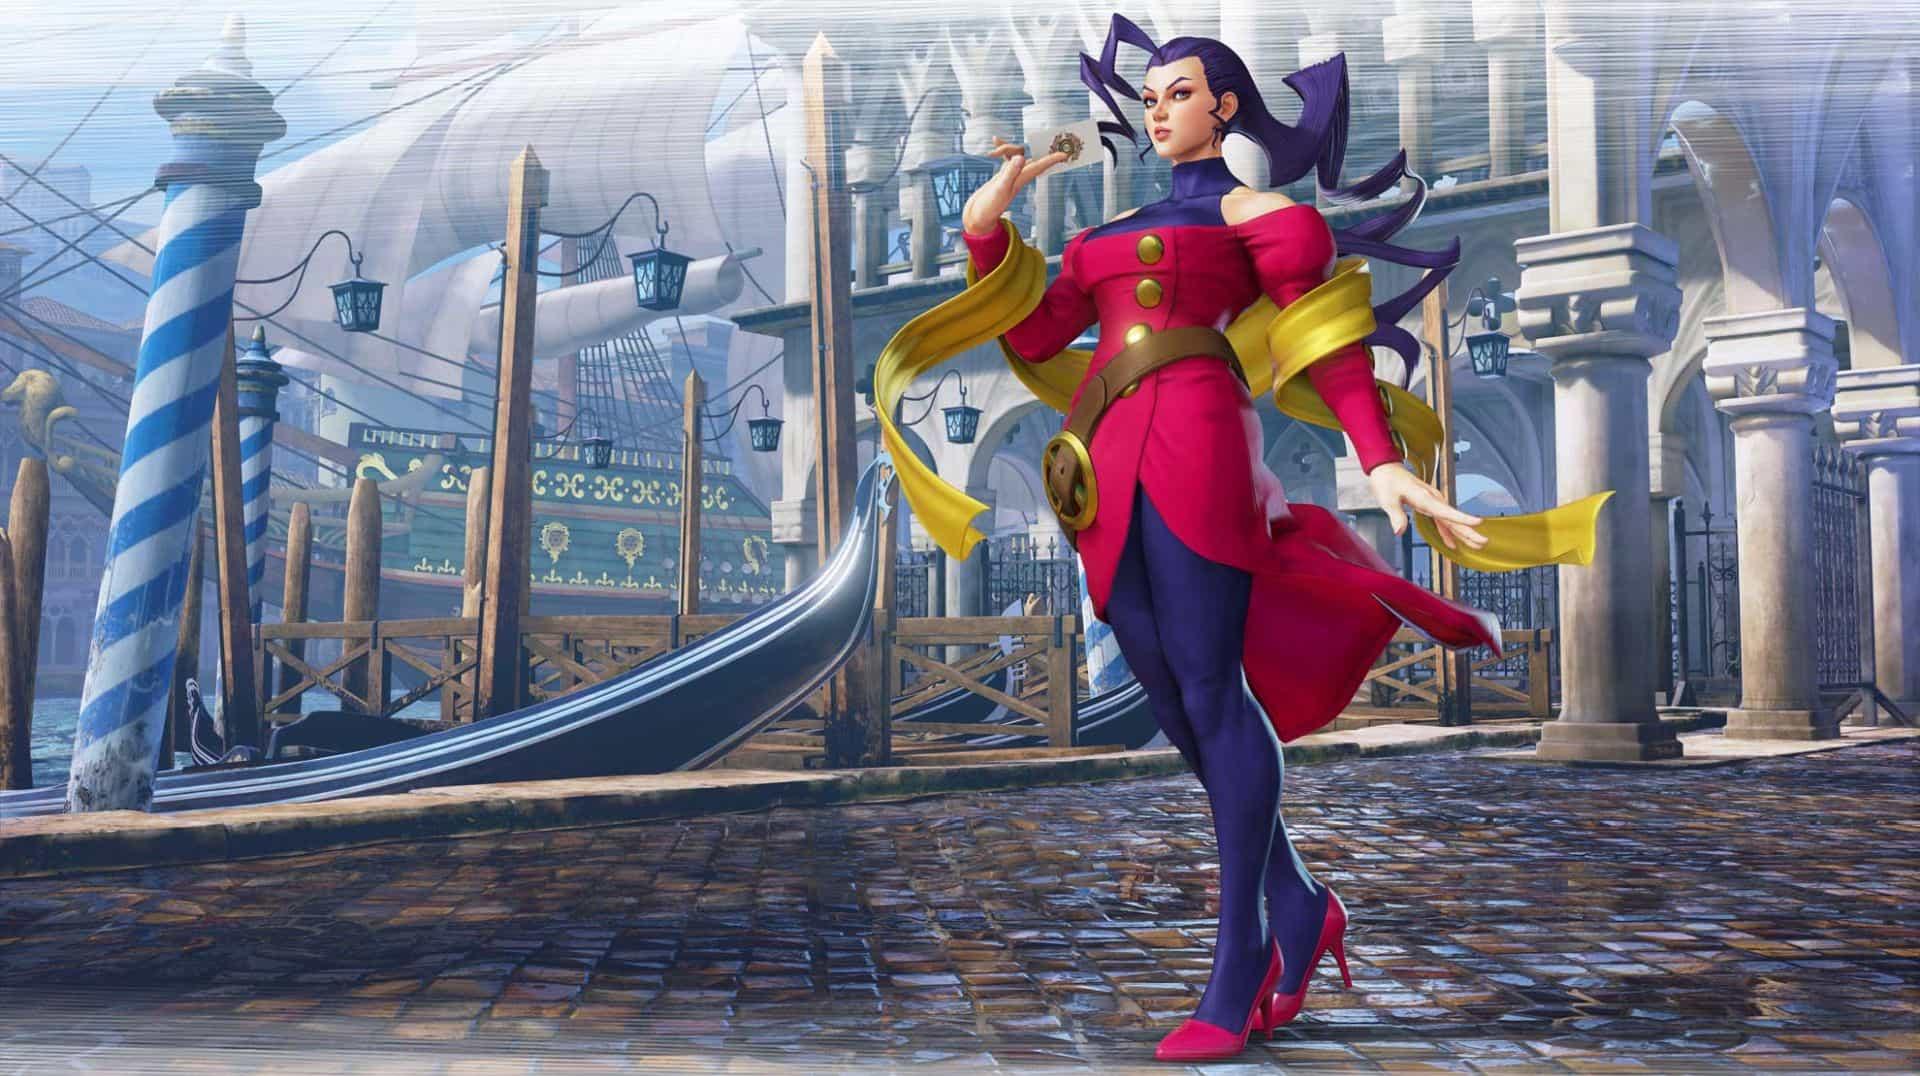 Street Fighter 5: Champion Edition lanza un nuevo tráiler con su último luchador 2